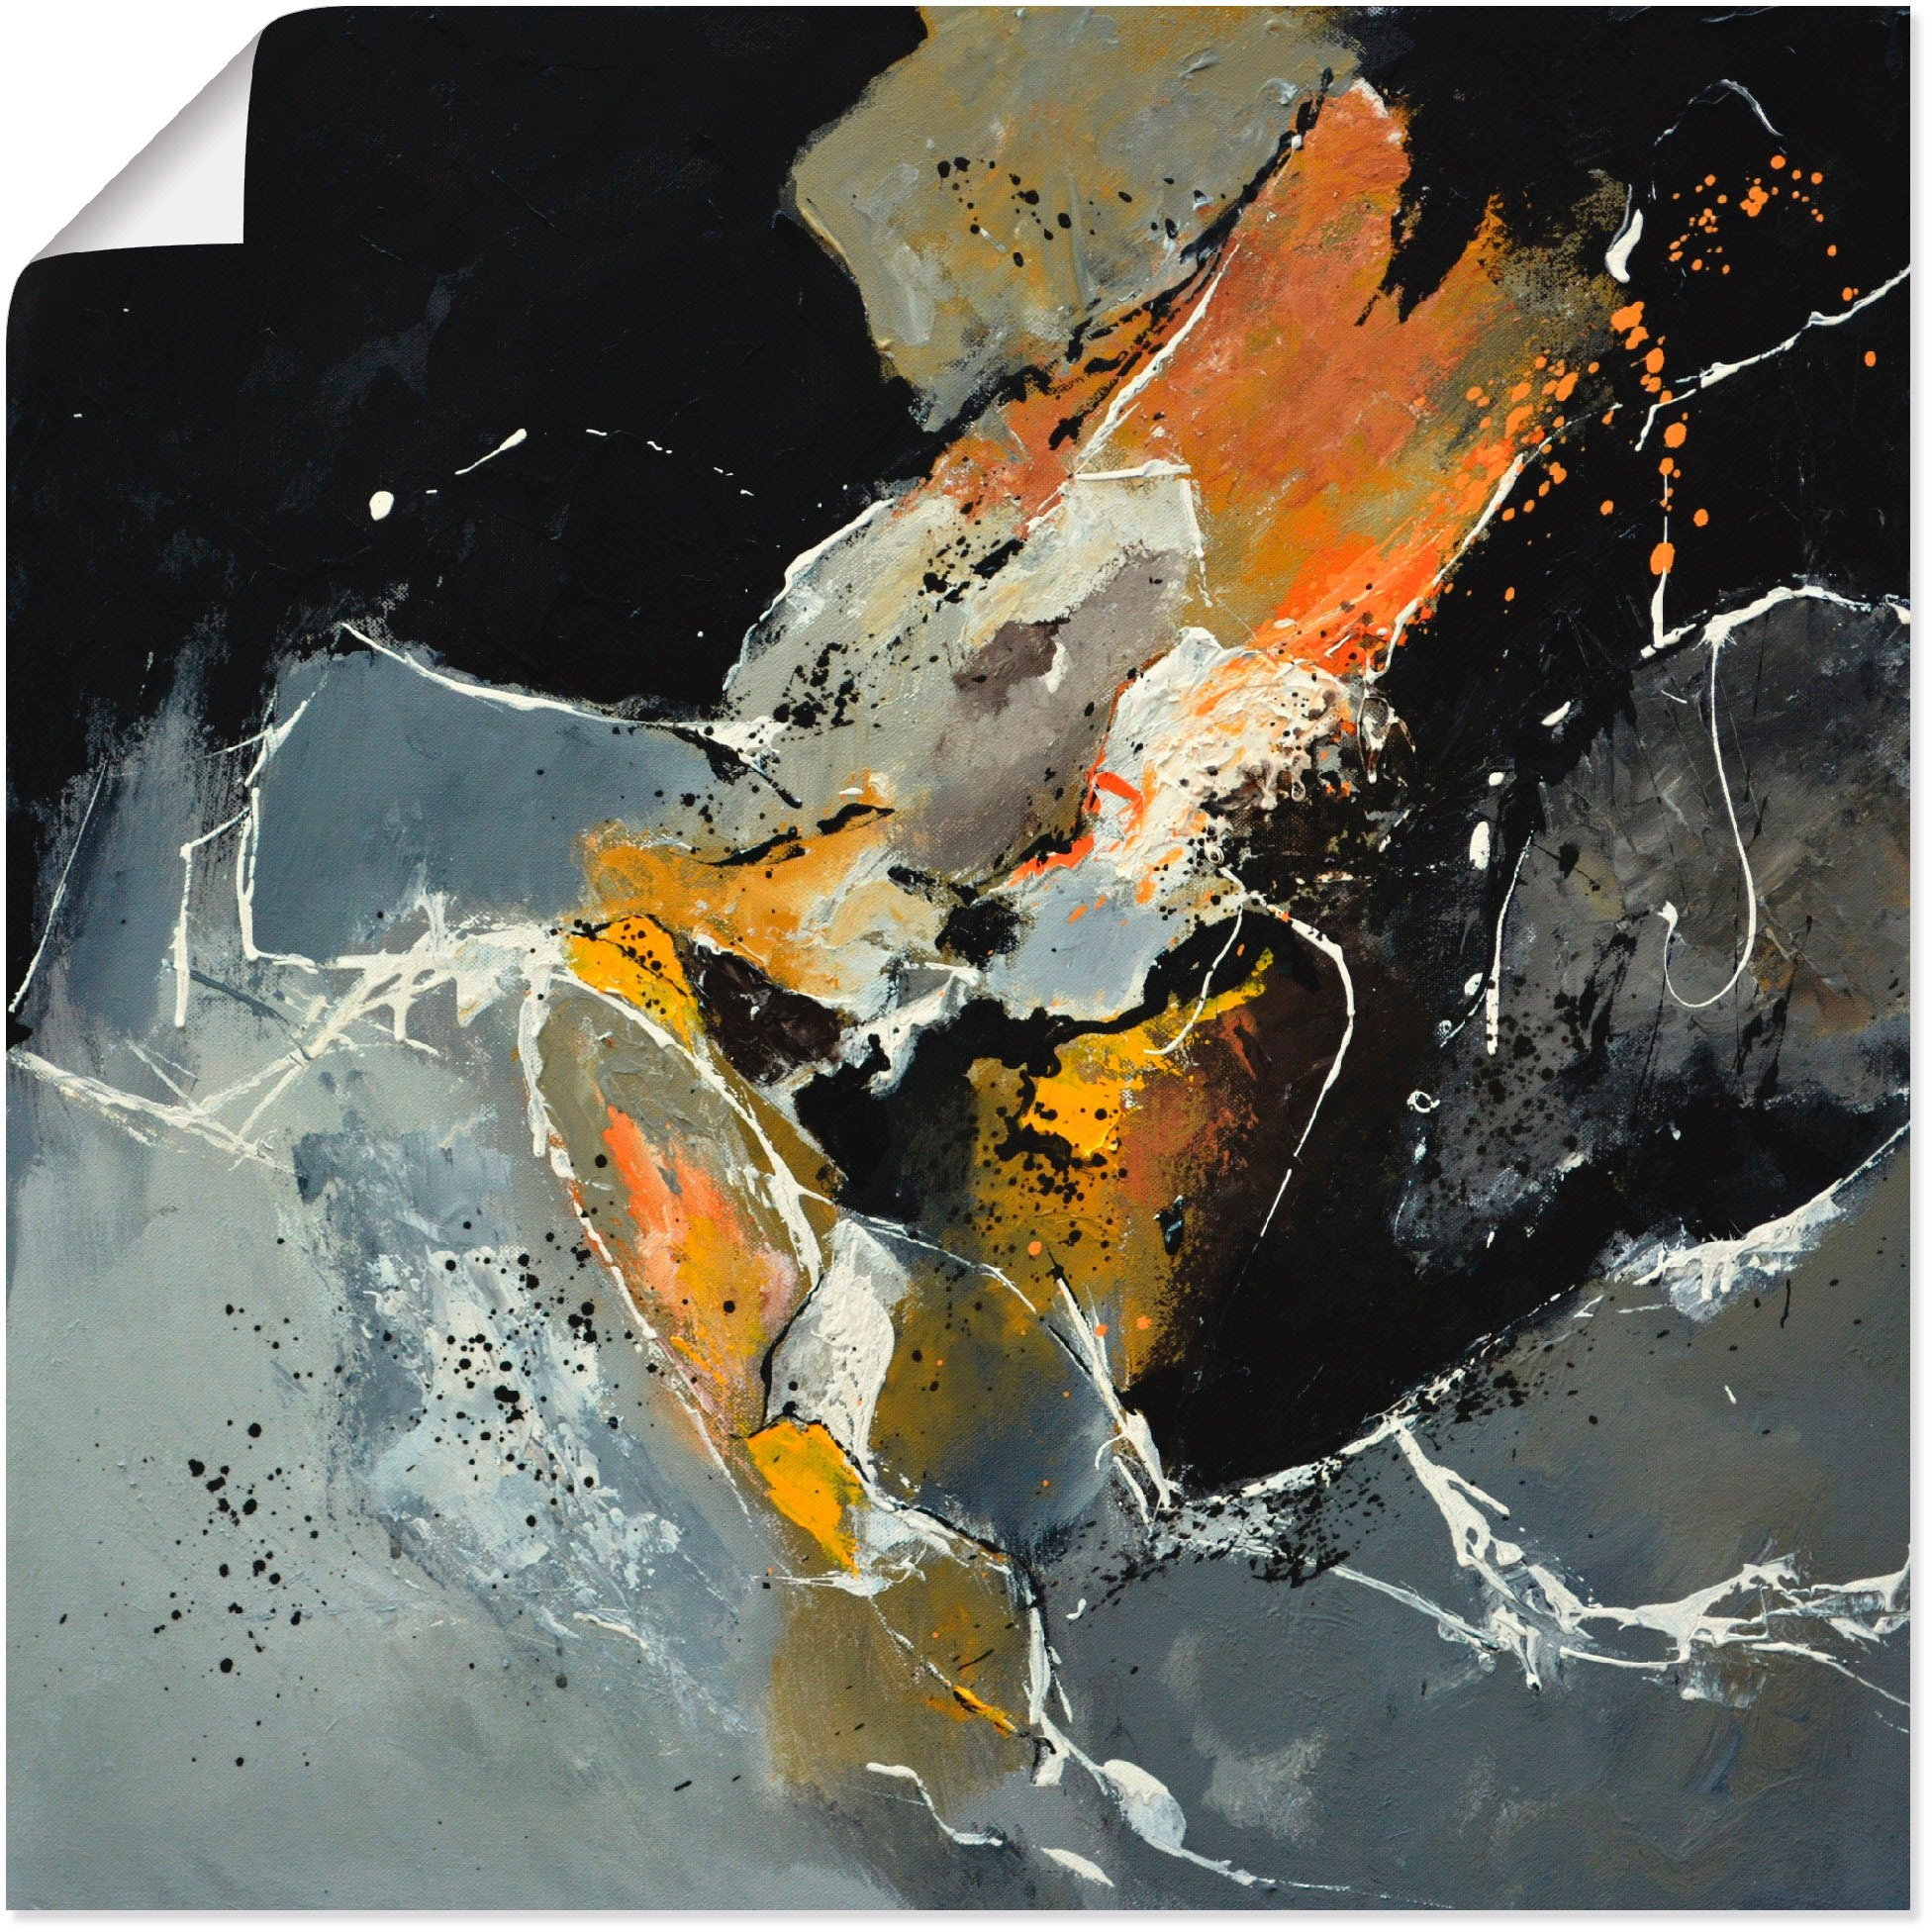 Op zoek naar een Artland artprint Abstract XV in vele afmetingen & productsoorten - artprint van aluminium / artprint voor buiten, artprint op linnen, poster, muursticker / wandfolie ook geschikt voor de badkamer (1 stuk)? Koop online bij OTTO